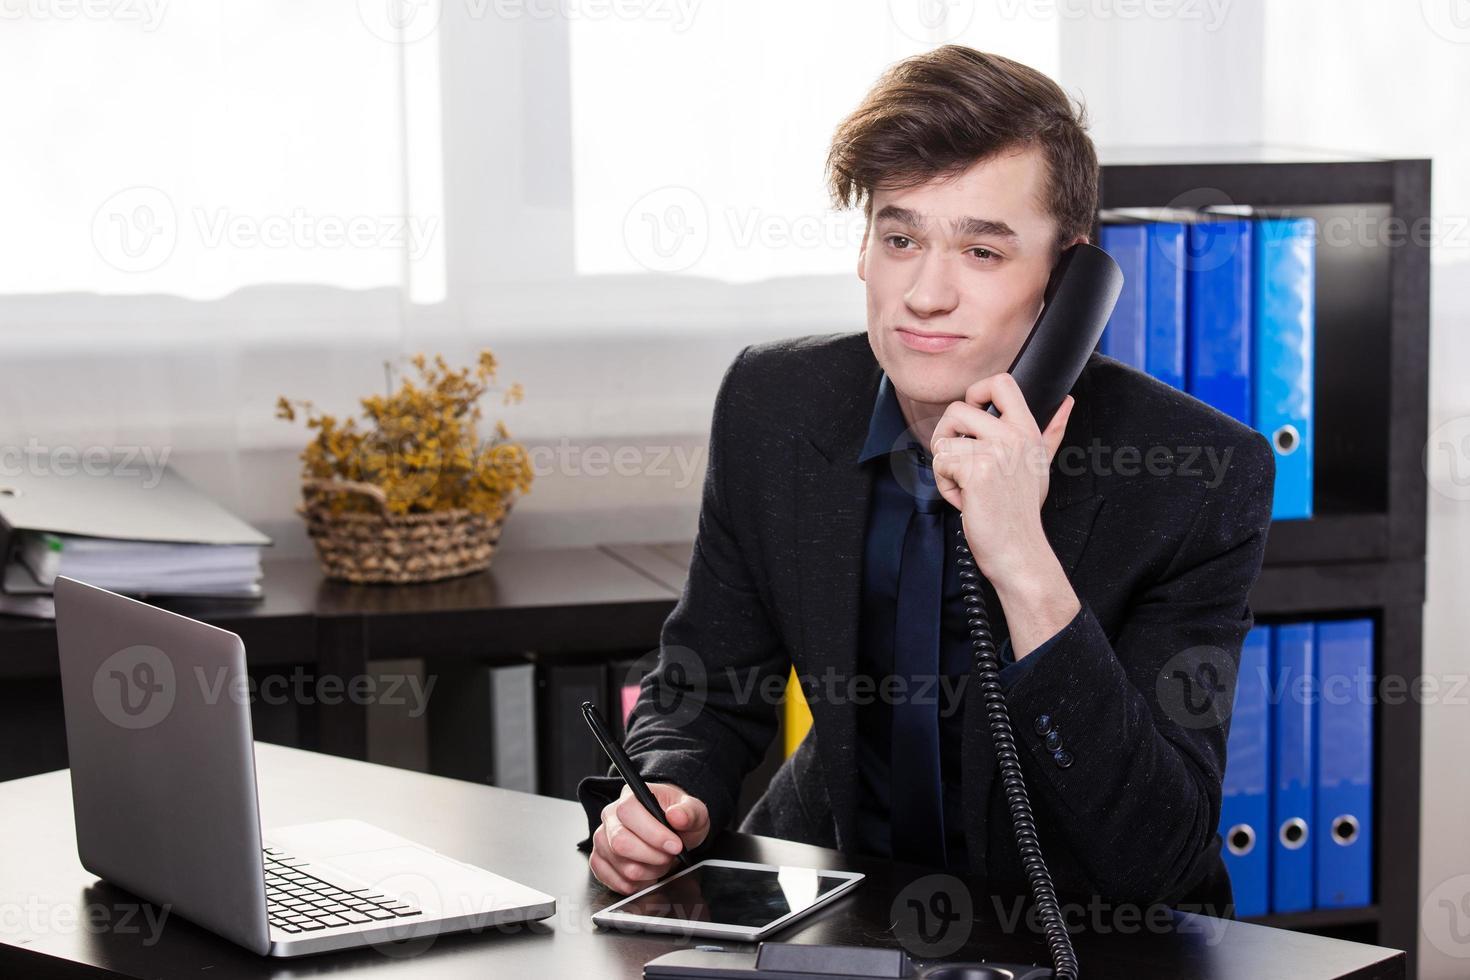 homme d'affaires appeler quelqu'un photo